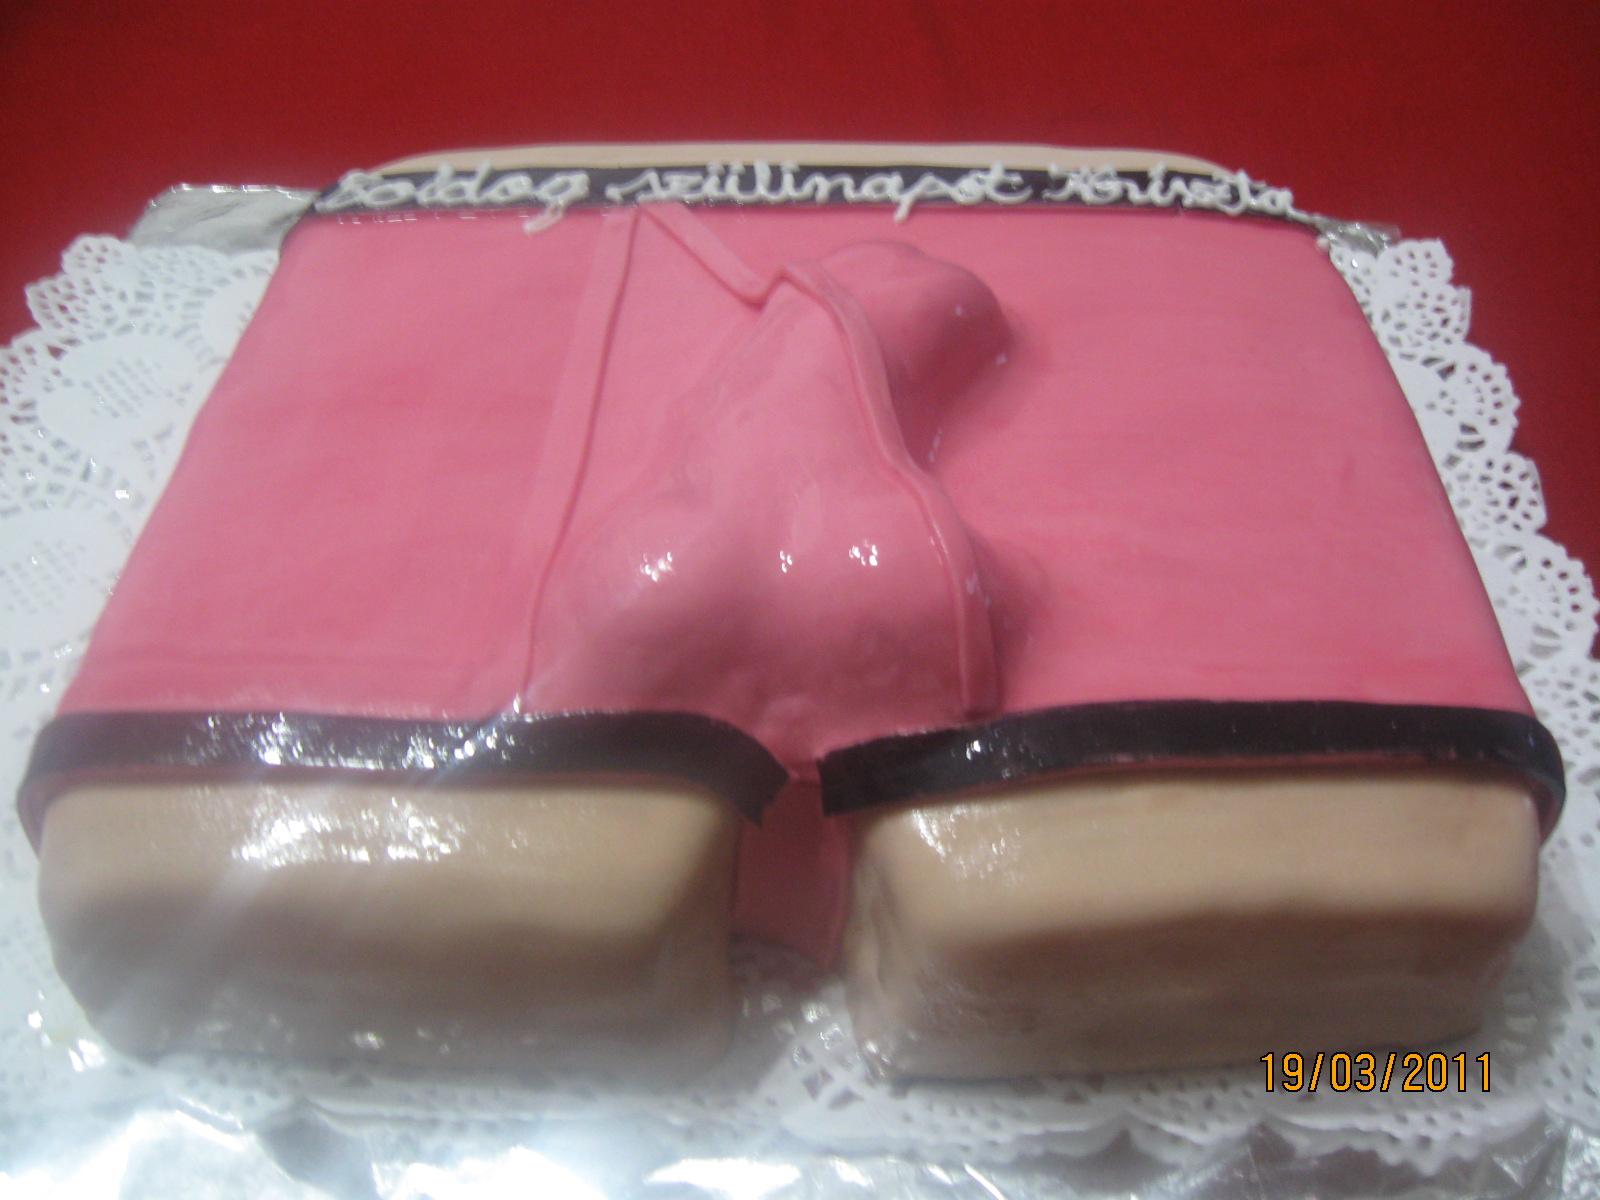 9 éves lánynak szülinapi ajándék angitortai: Férfi alsónemű torta 9 éves lánynak szülinapi ajándék